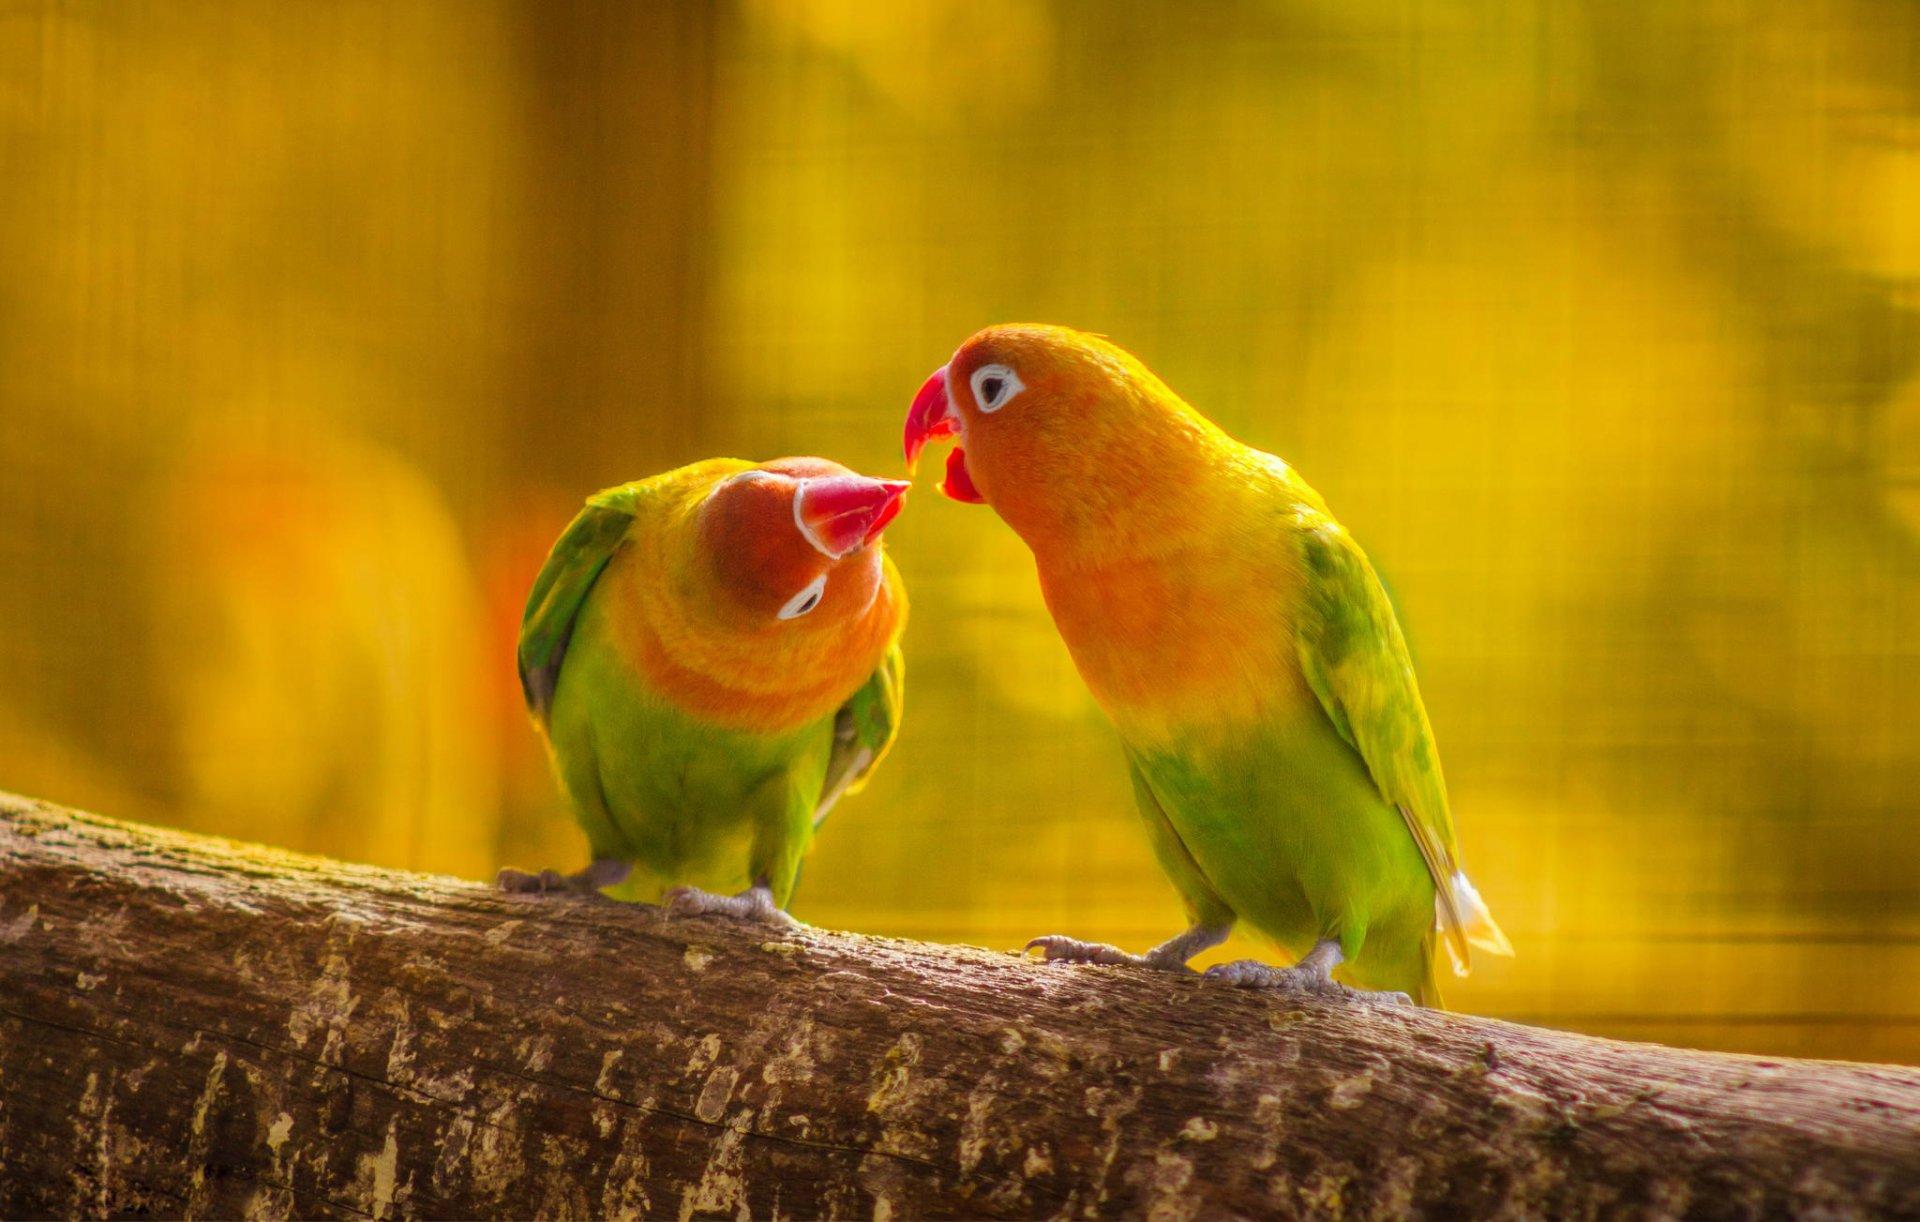 природа животные синий волнистый попугай бесплатно